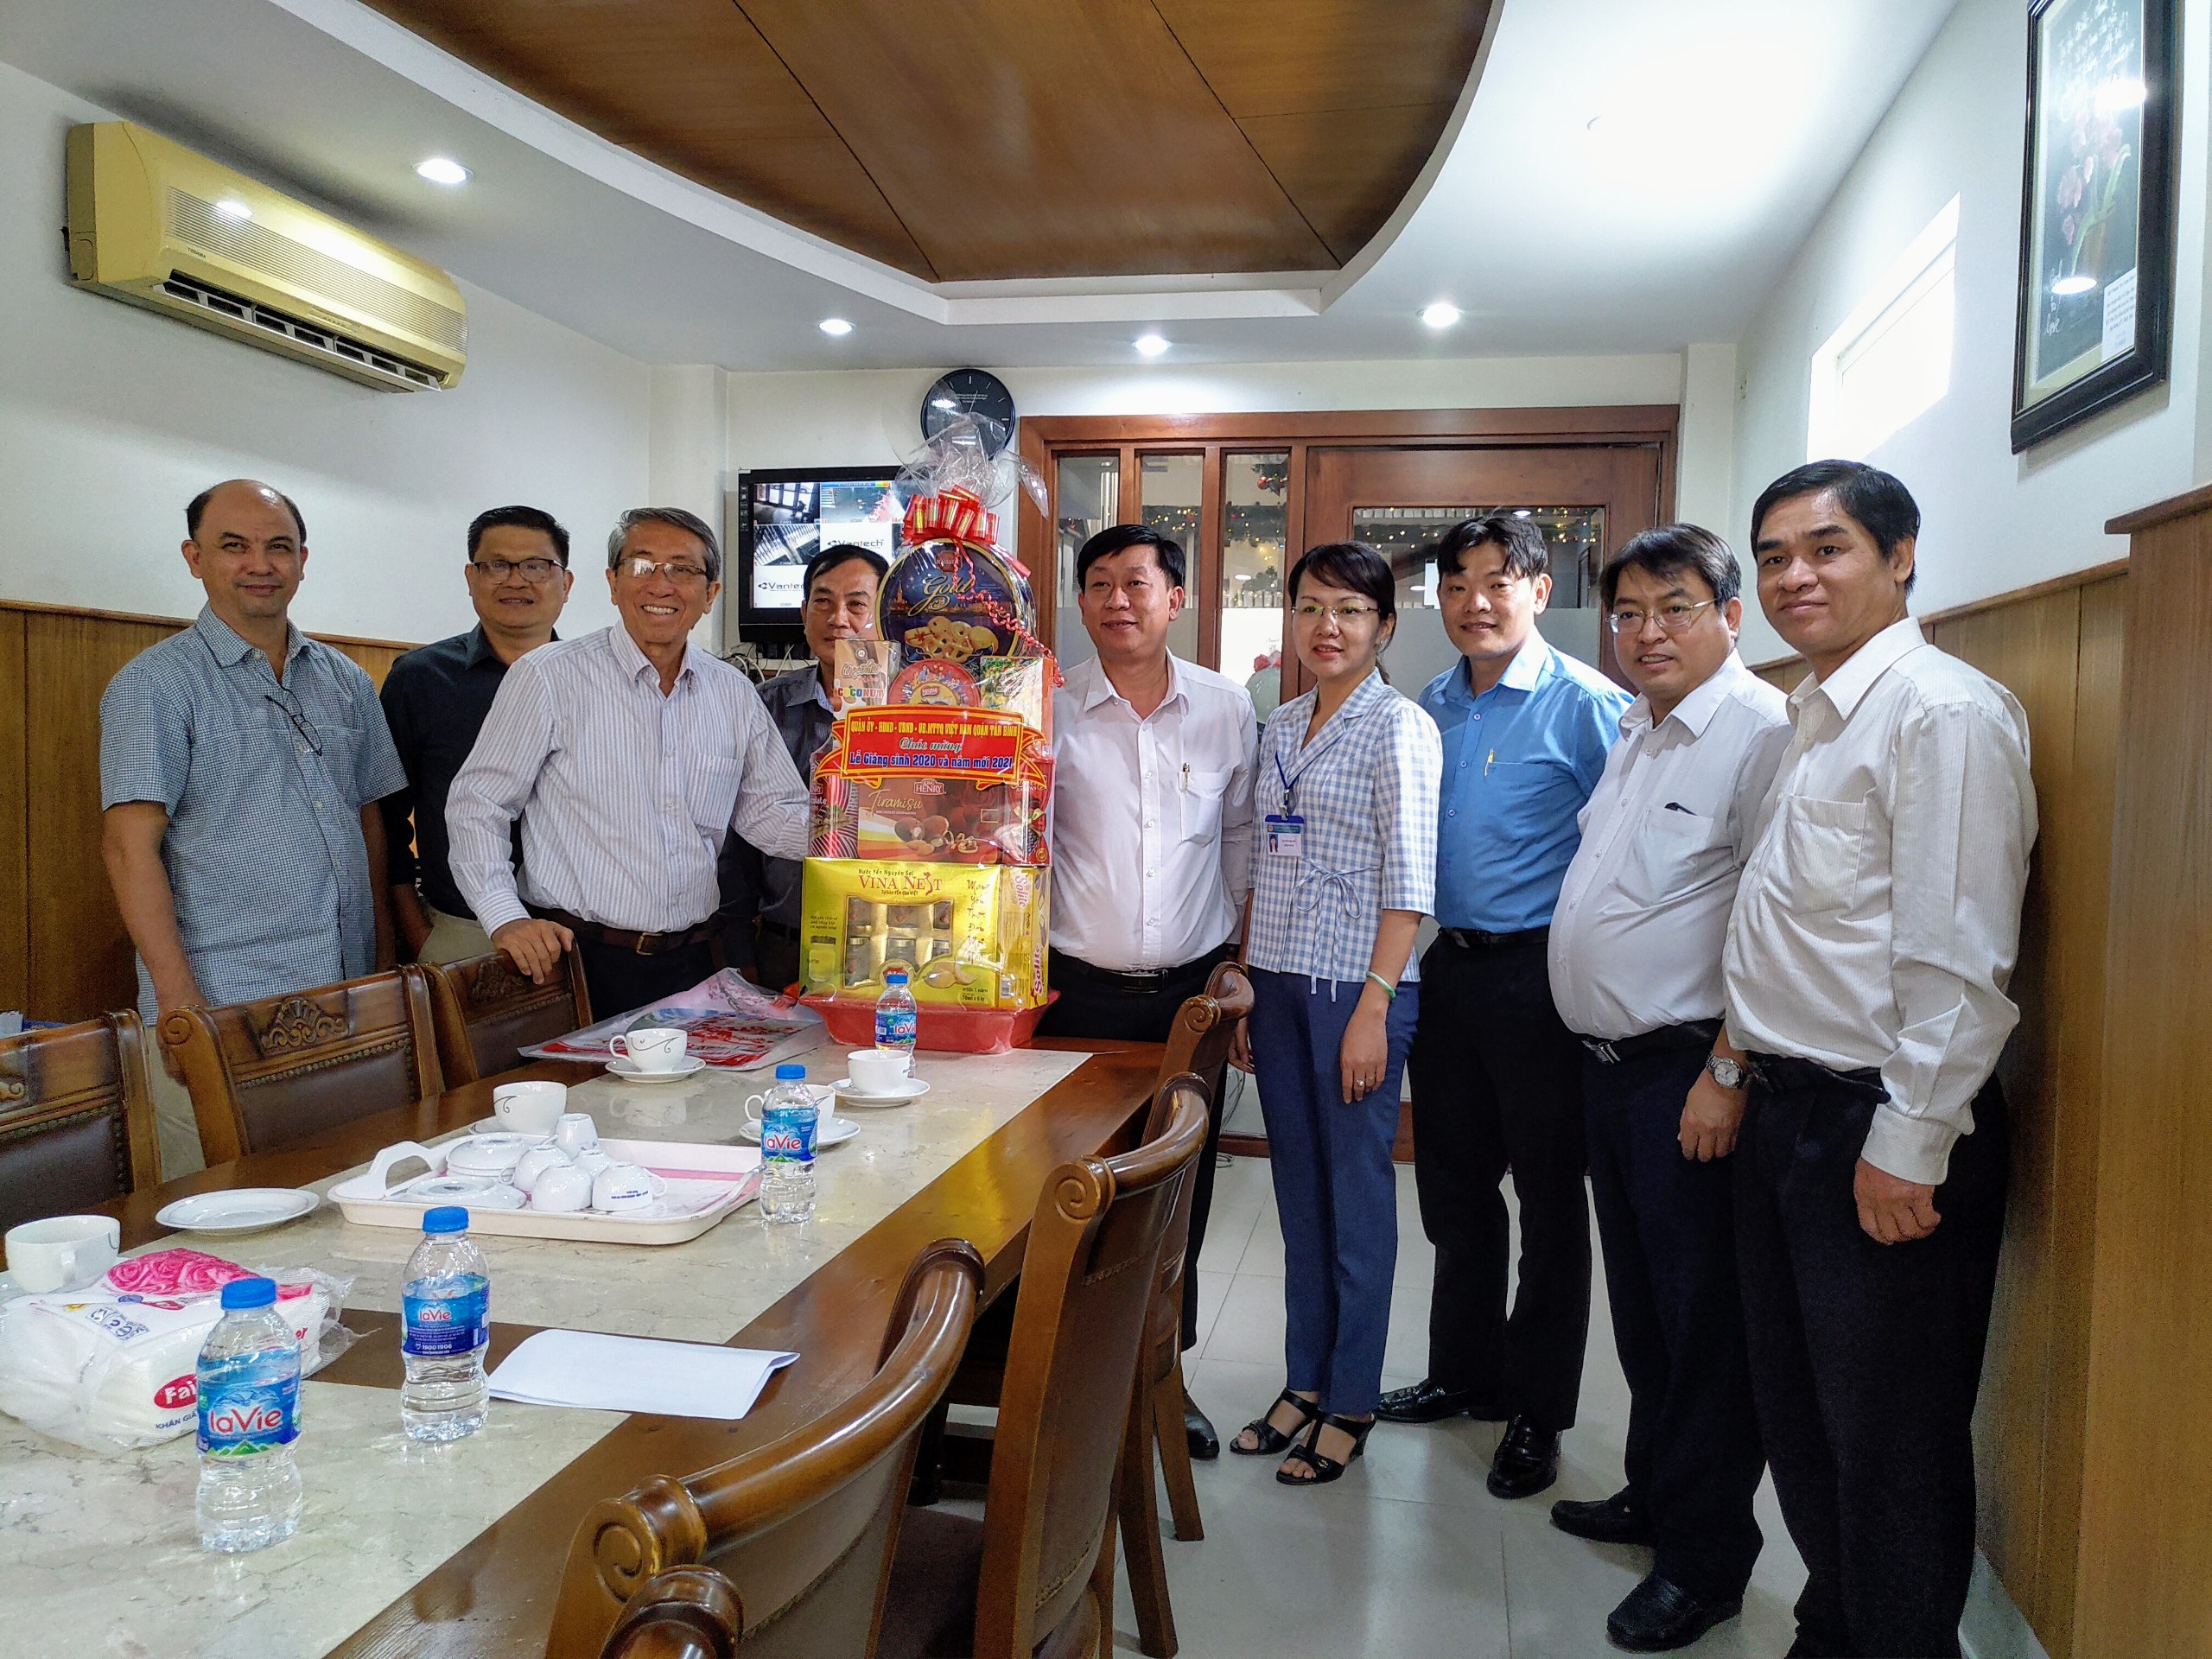 Lãnh đạo quận Tân Bình và Phường 10 thăm, tặng quà chúc mừng Chi Hội Thánh Tin Lành Phú Thọ Hòa và Mục sư Lê Đình Trung – Quản nhiệm Chi Hội nhân Lễ Giáng sinh năm 2020.